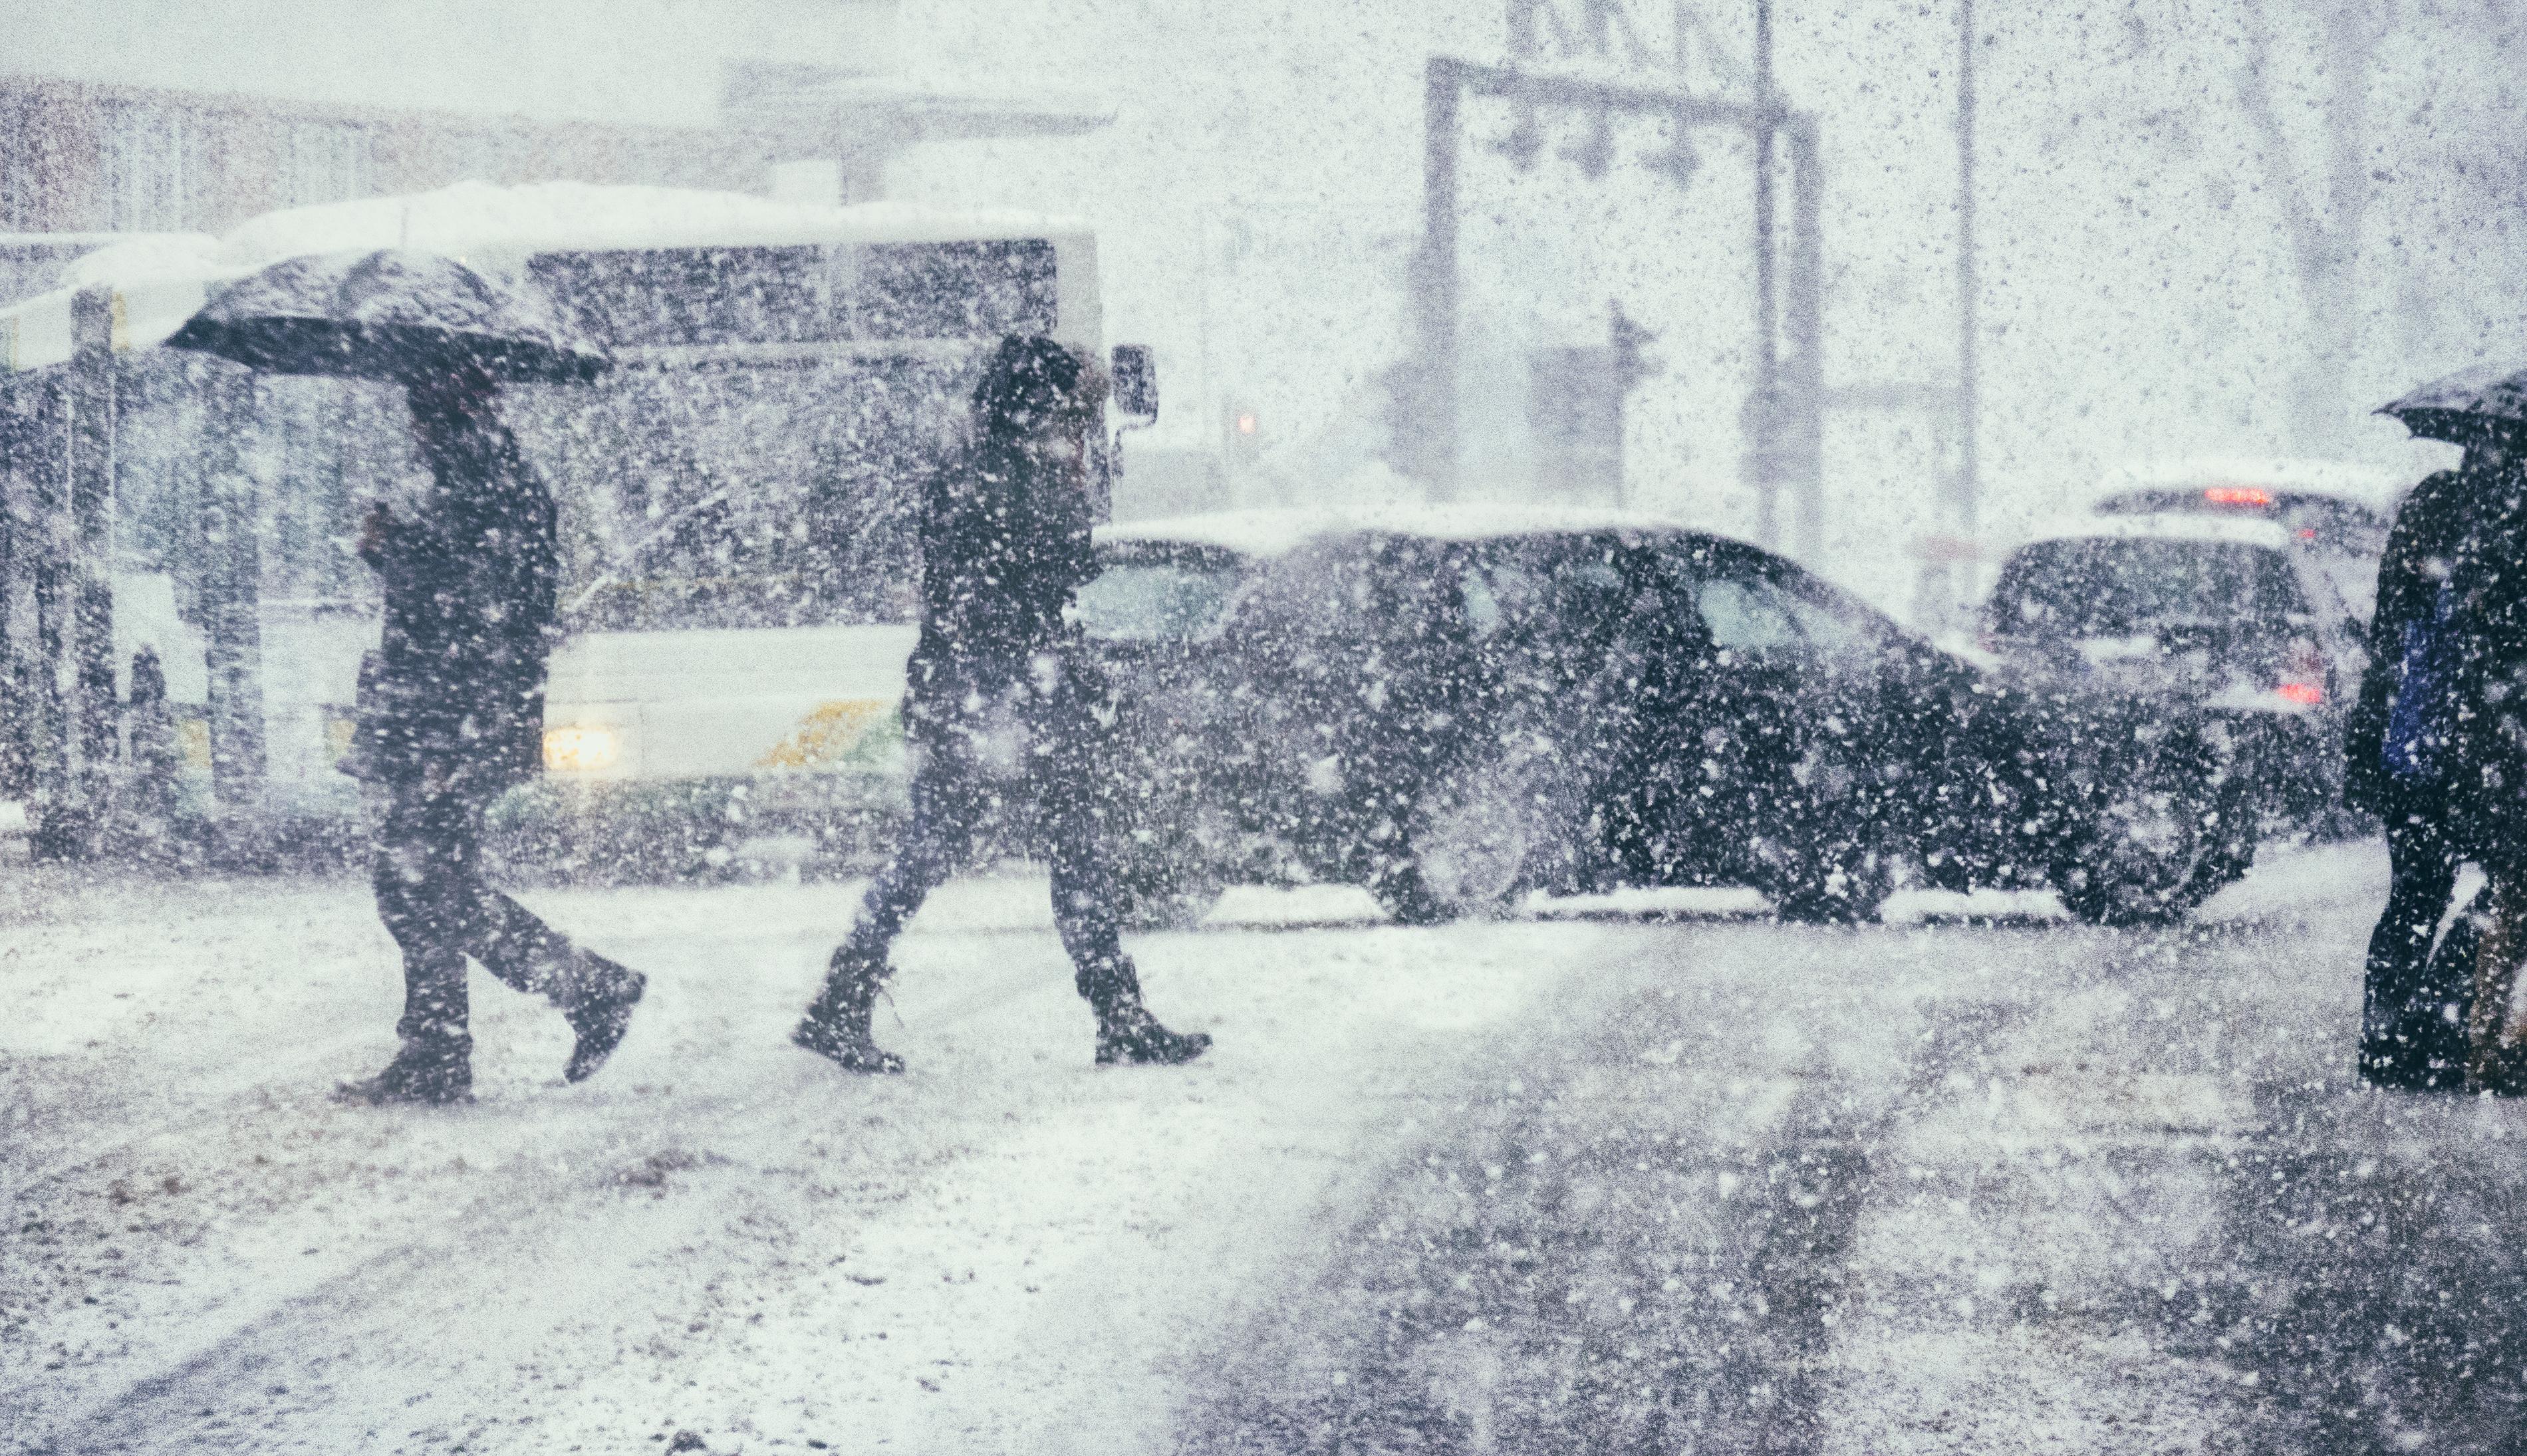 Iarnă în aprilie. ANM a emis Cod galben de ninsori și vânt puternic